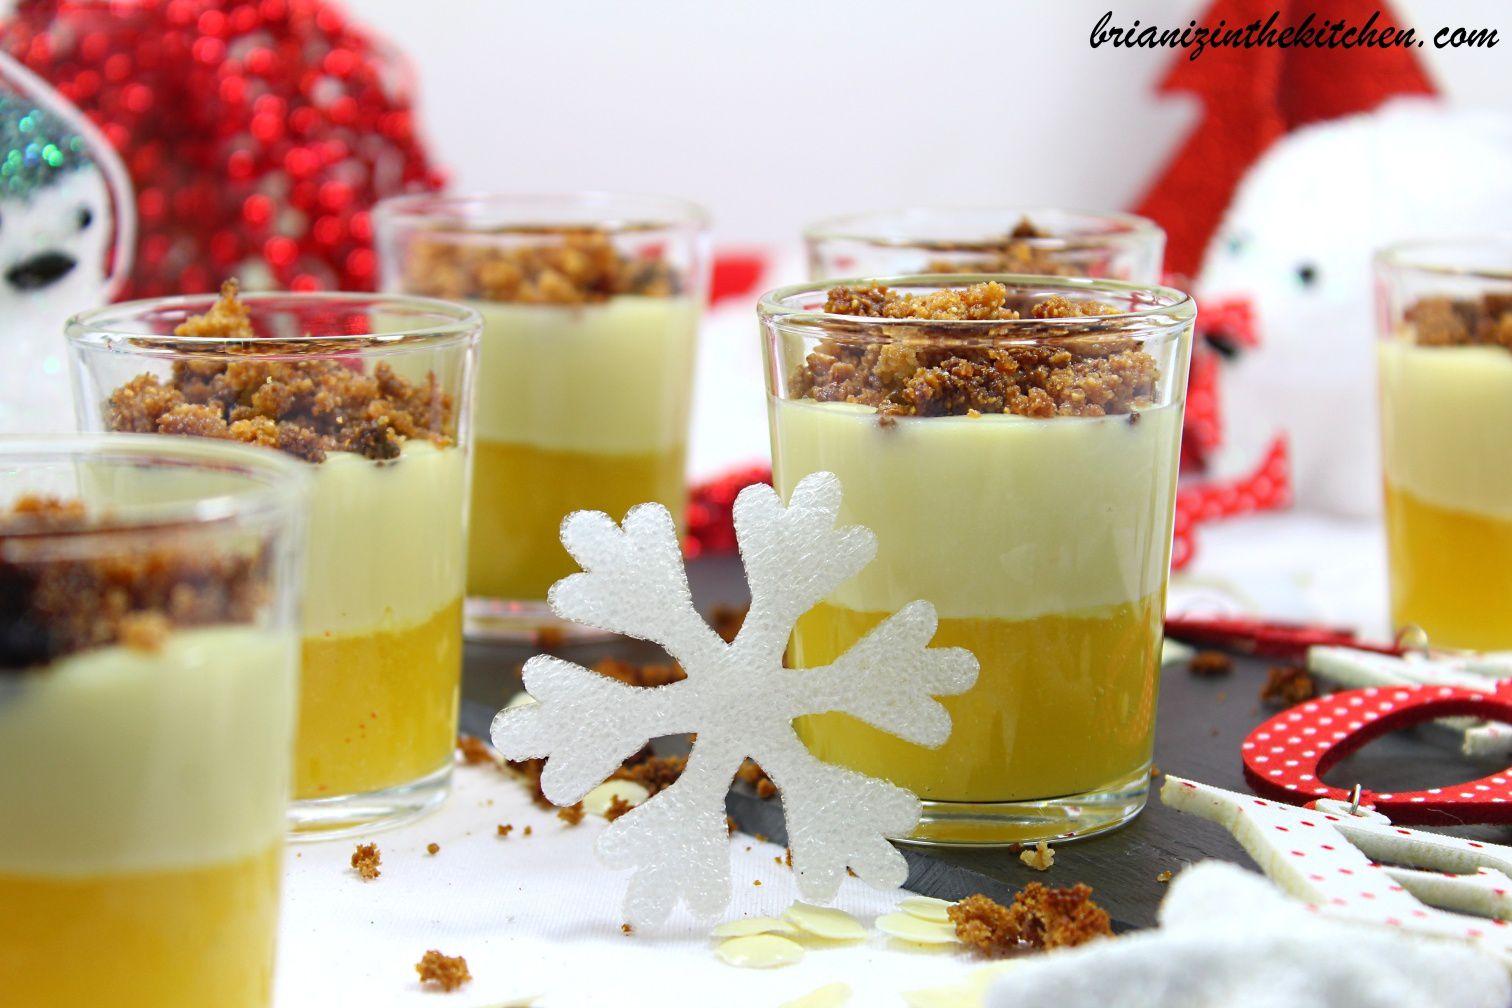 Verrine Crumble au Chocolat Blanc, Mangue & Citron Vert